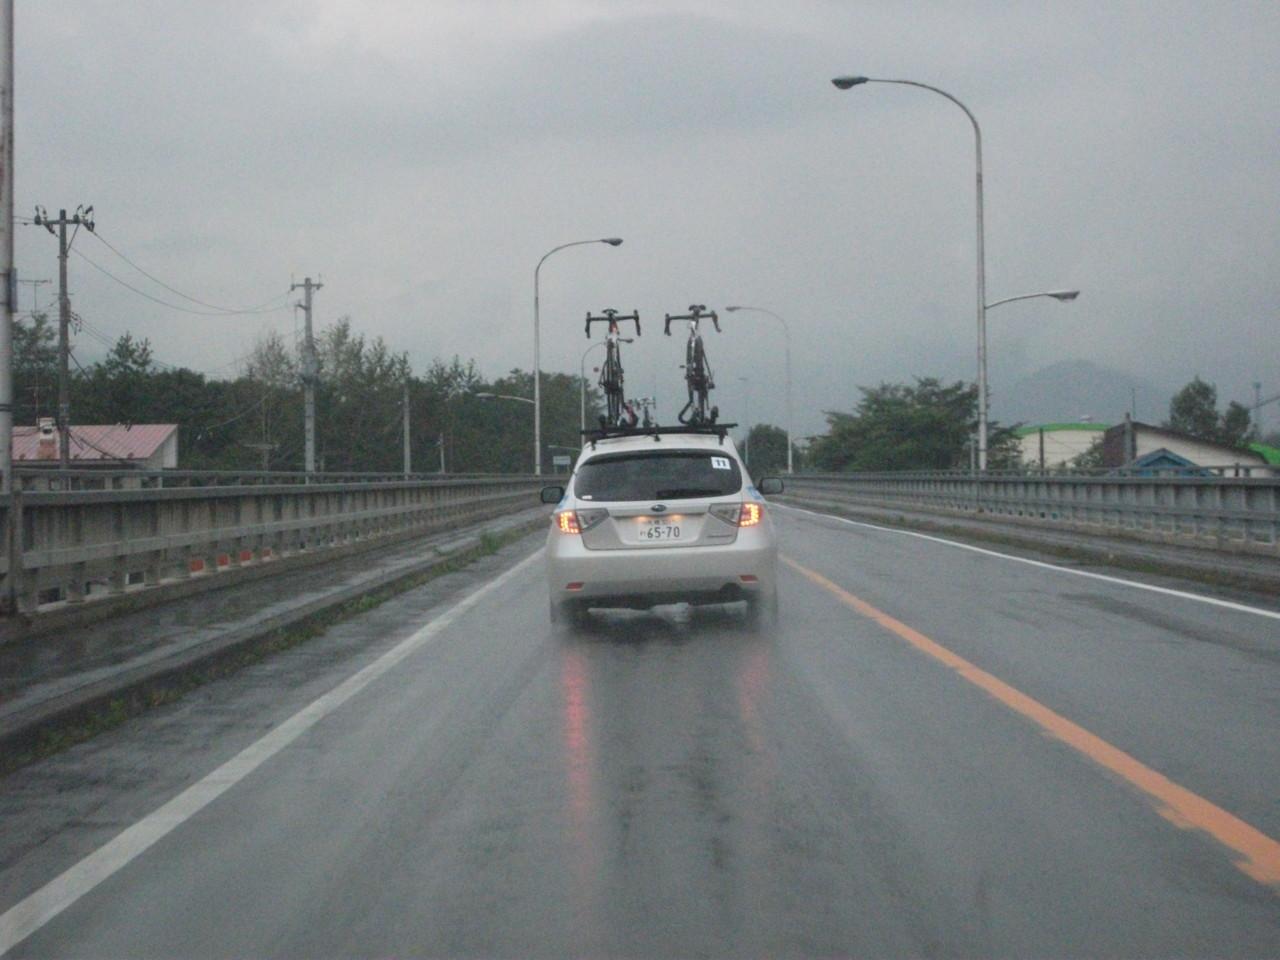 ツールド北海道2011 搬送車